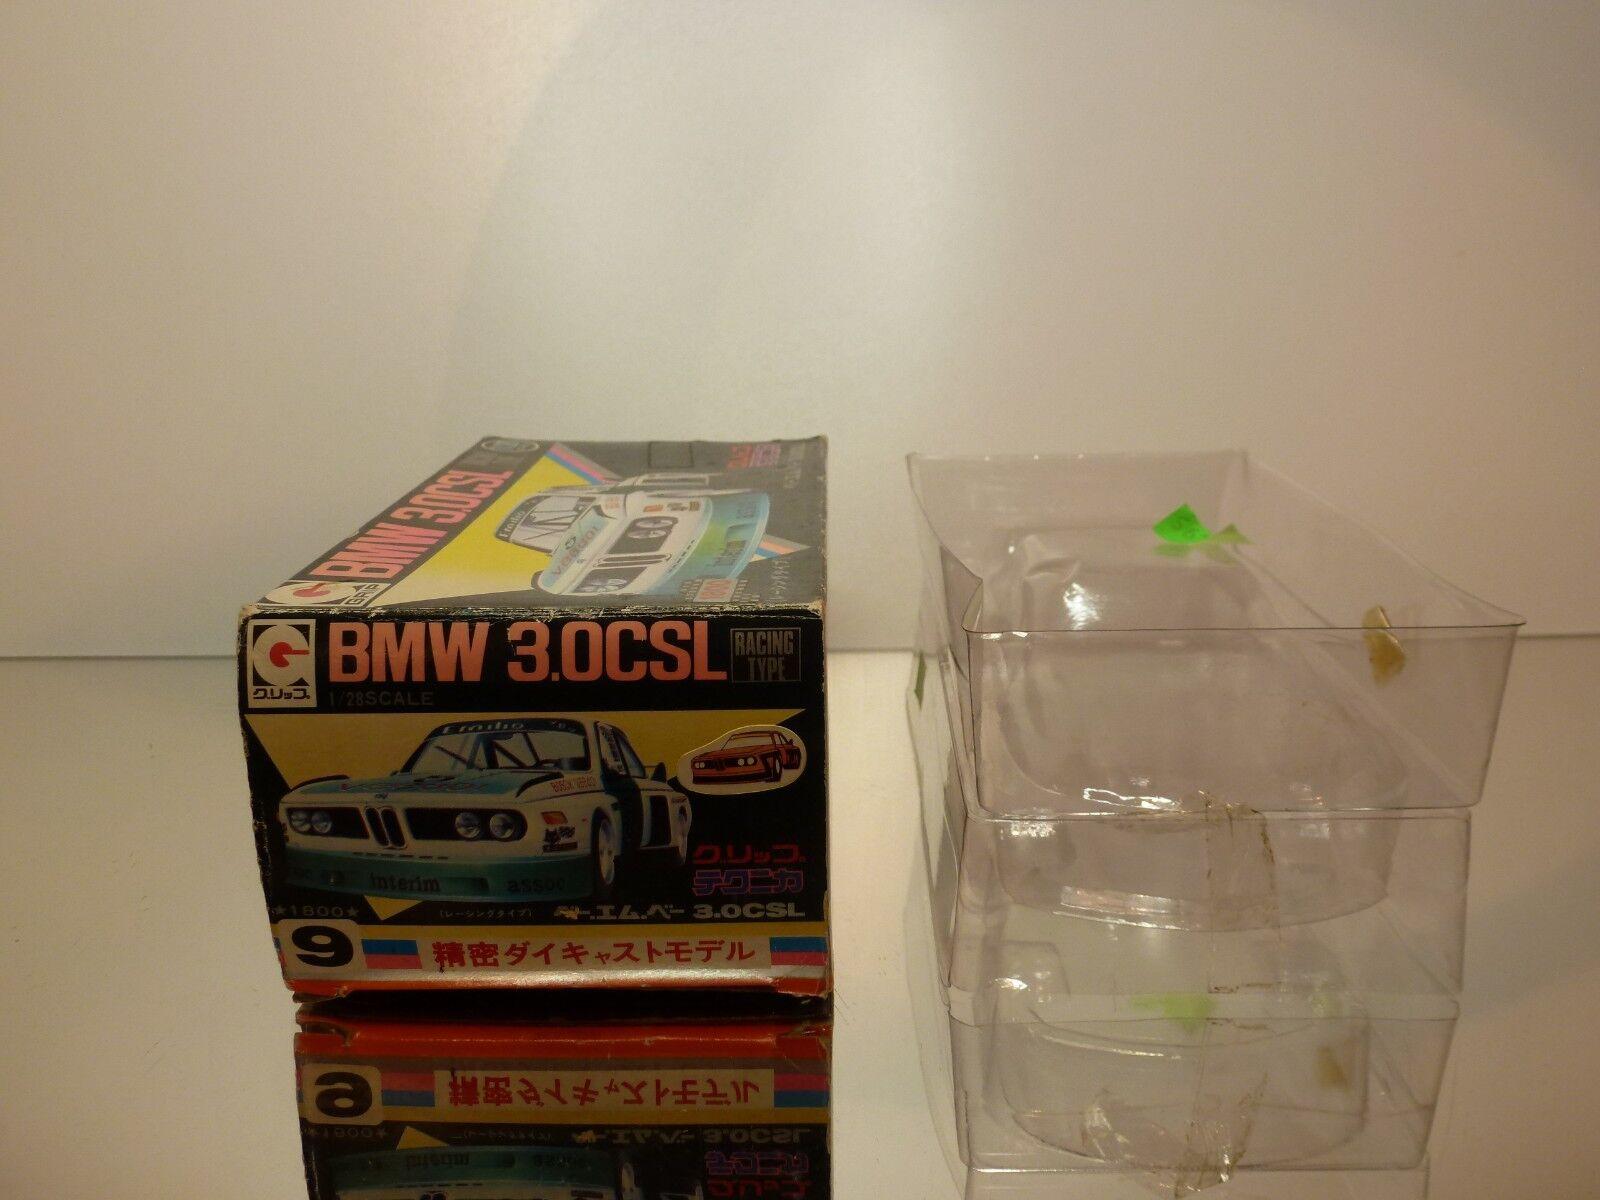 EIDAI GRIP 9 BOX BOX BOX for BMW 3.0 CSL - 1 28 RARE - ONLY BOX IN GOOD CONDITION 6fe7a8